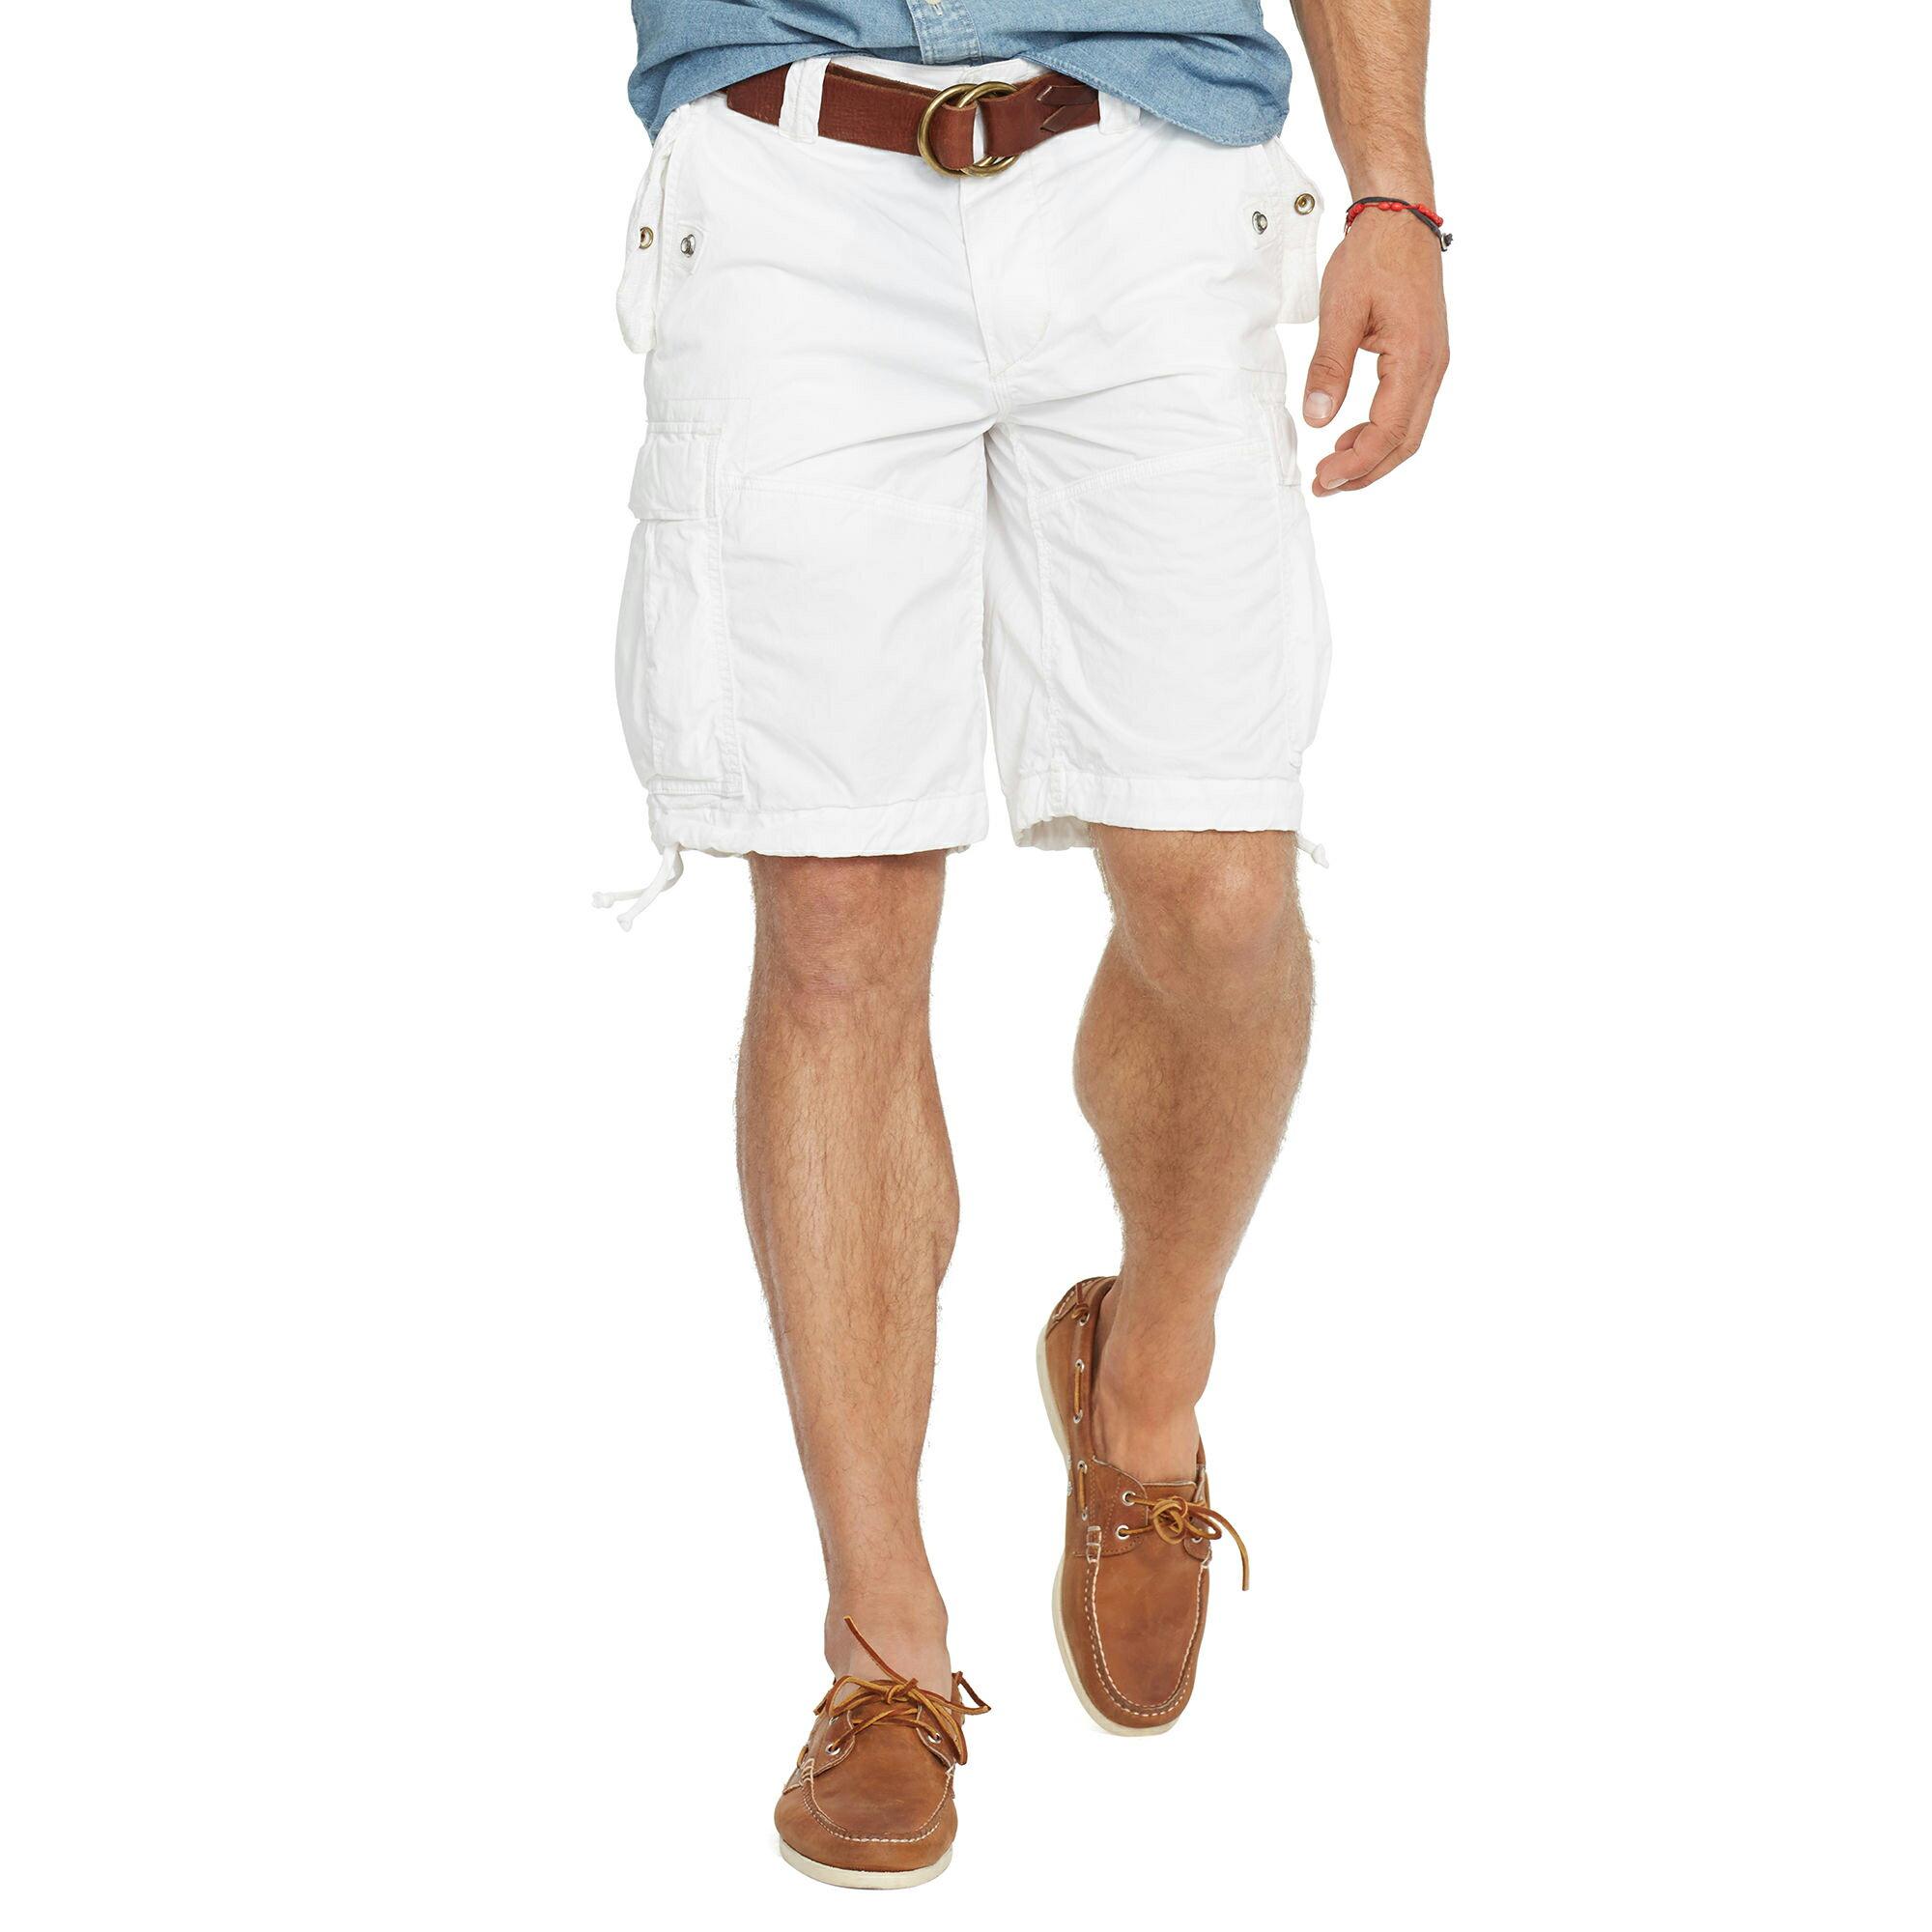 美國百分百【全新真品】Ralph Lauren 褲子 RL 男褲 POLO 短褲 工作褲 休閒褲 白色 30腰 F419